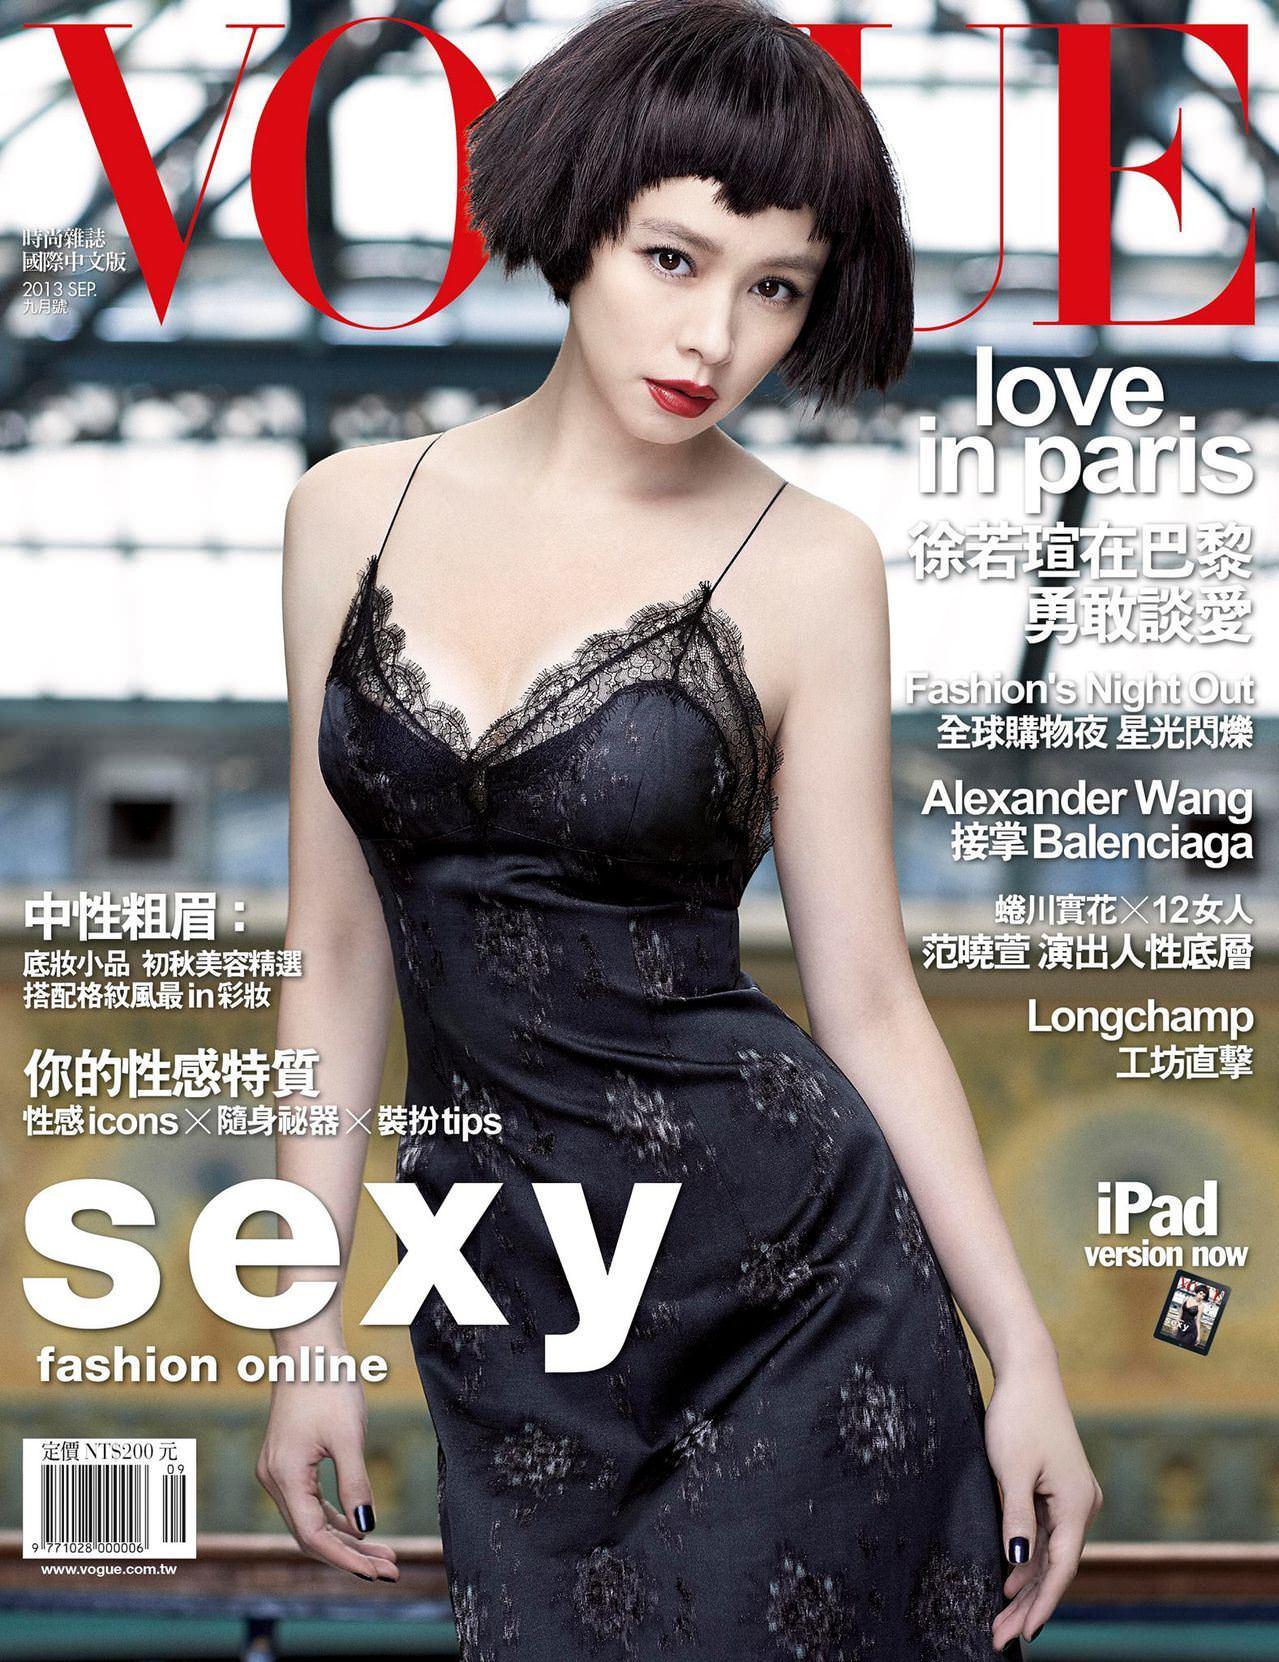 【外人】台湾人のビビアン・スーが歳取ってもめっちゃ可愛いヘアヌードポルノ画像 4190